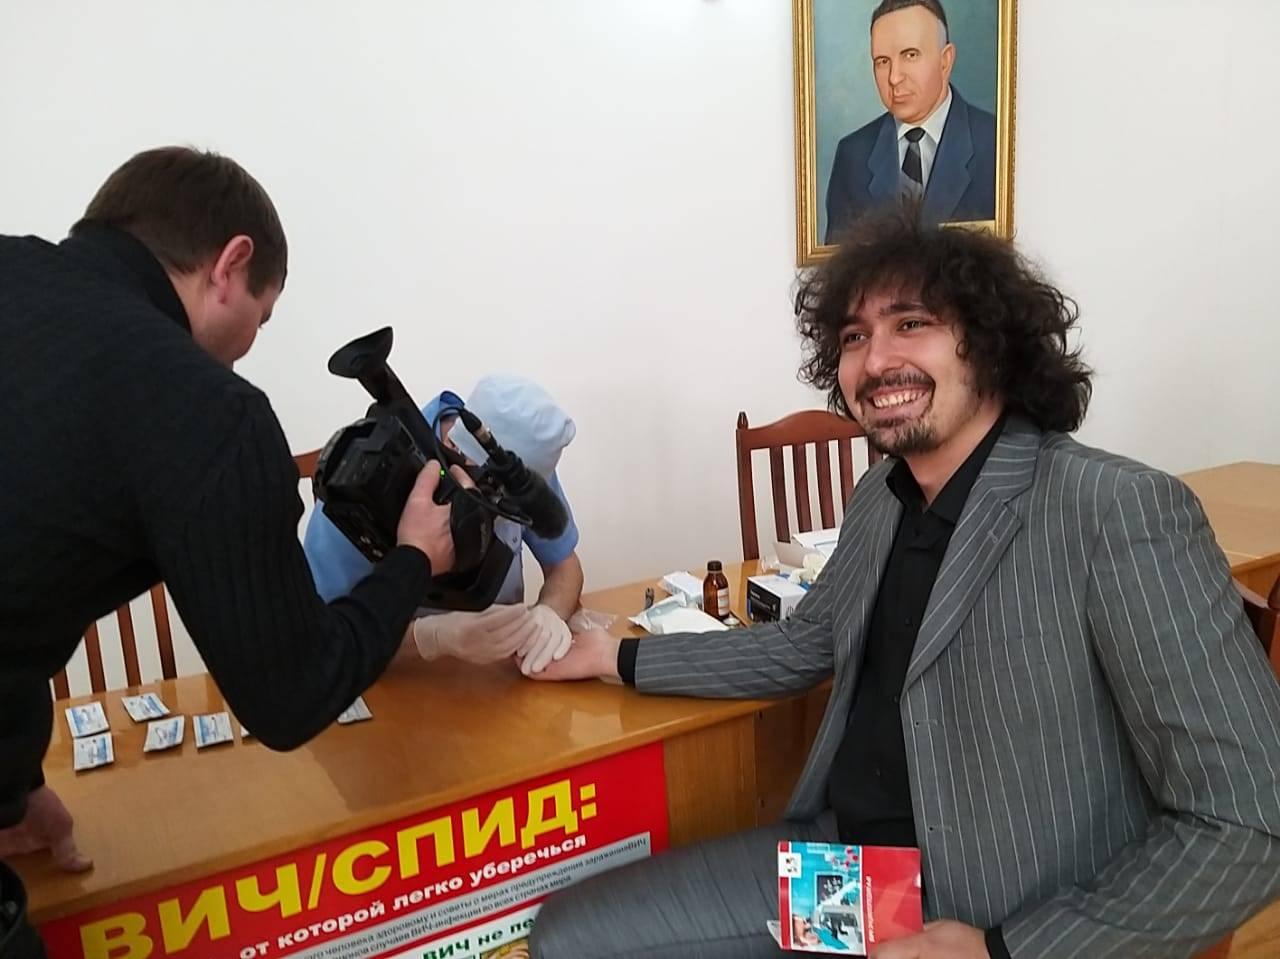 Активисты ОНФ в КБР организовали экспресс-тестирование на ВИЧ